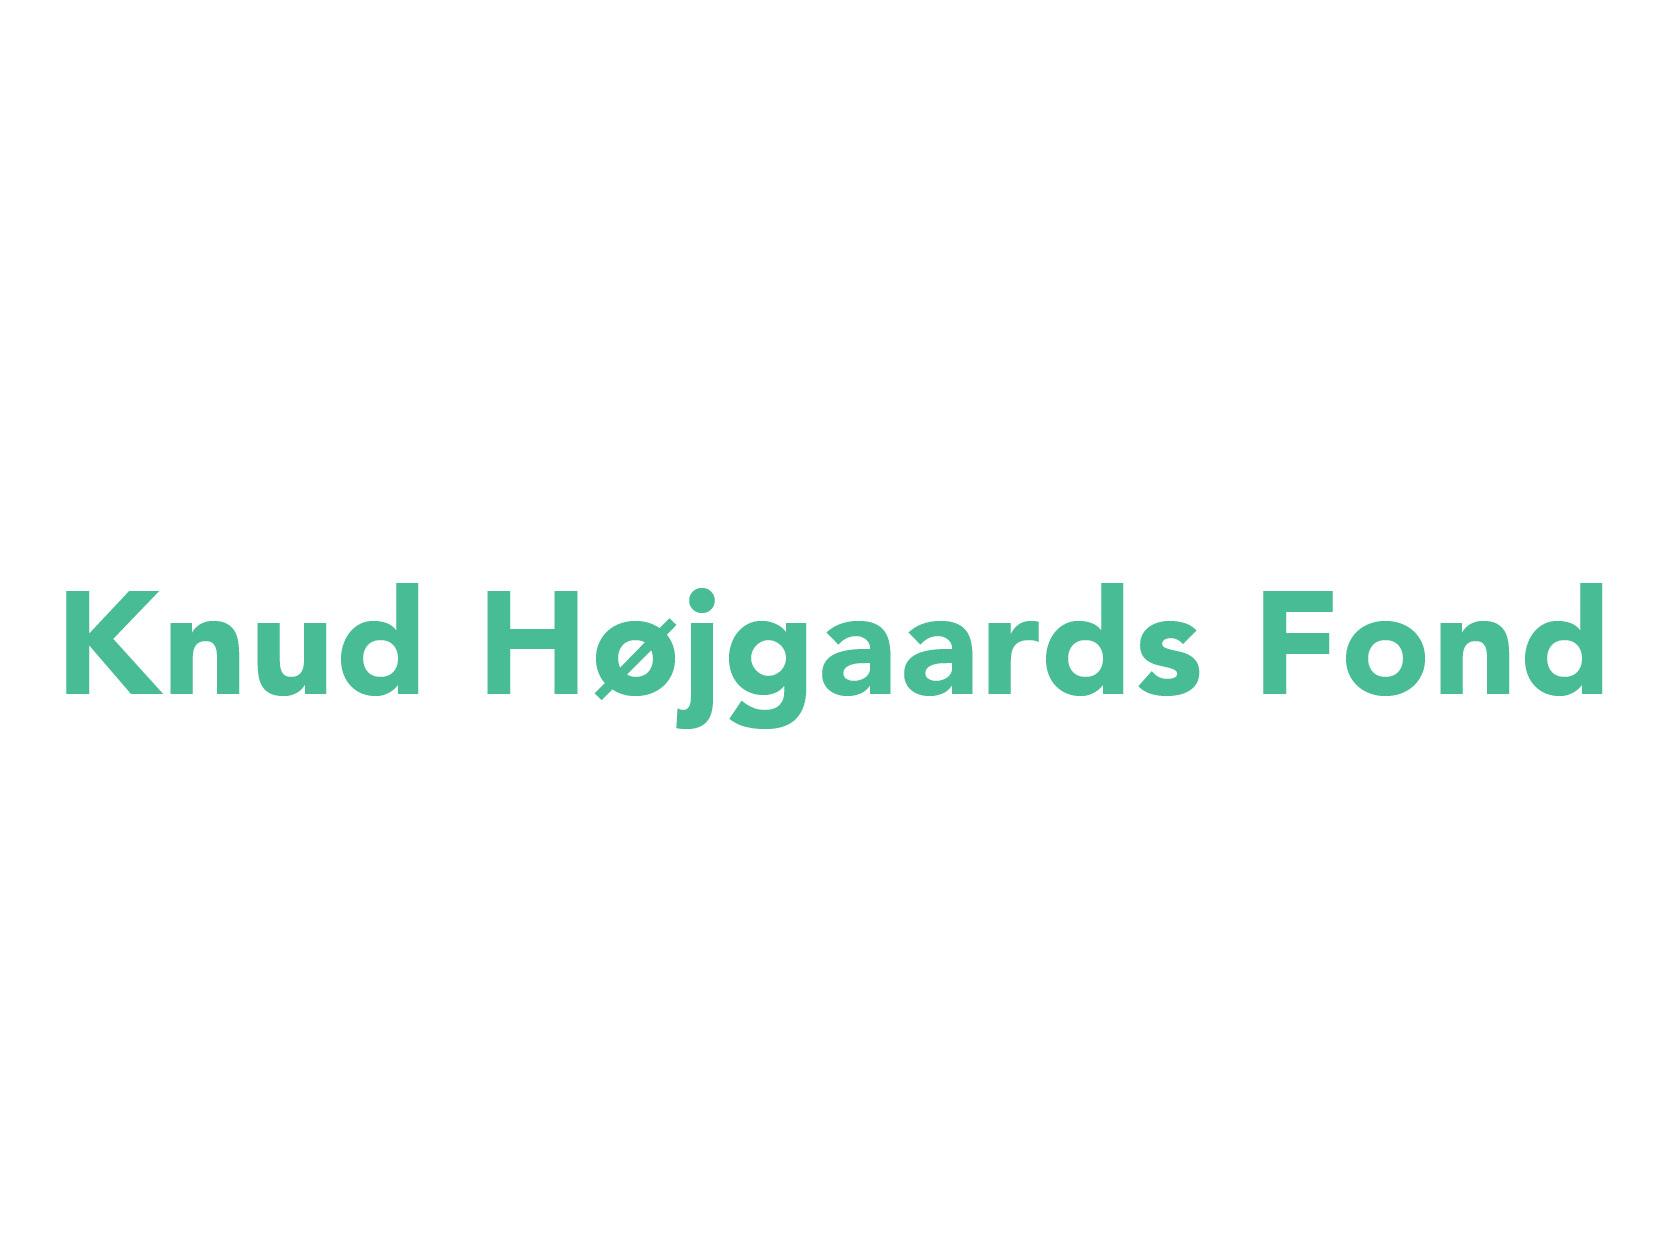 KH Fond